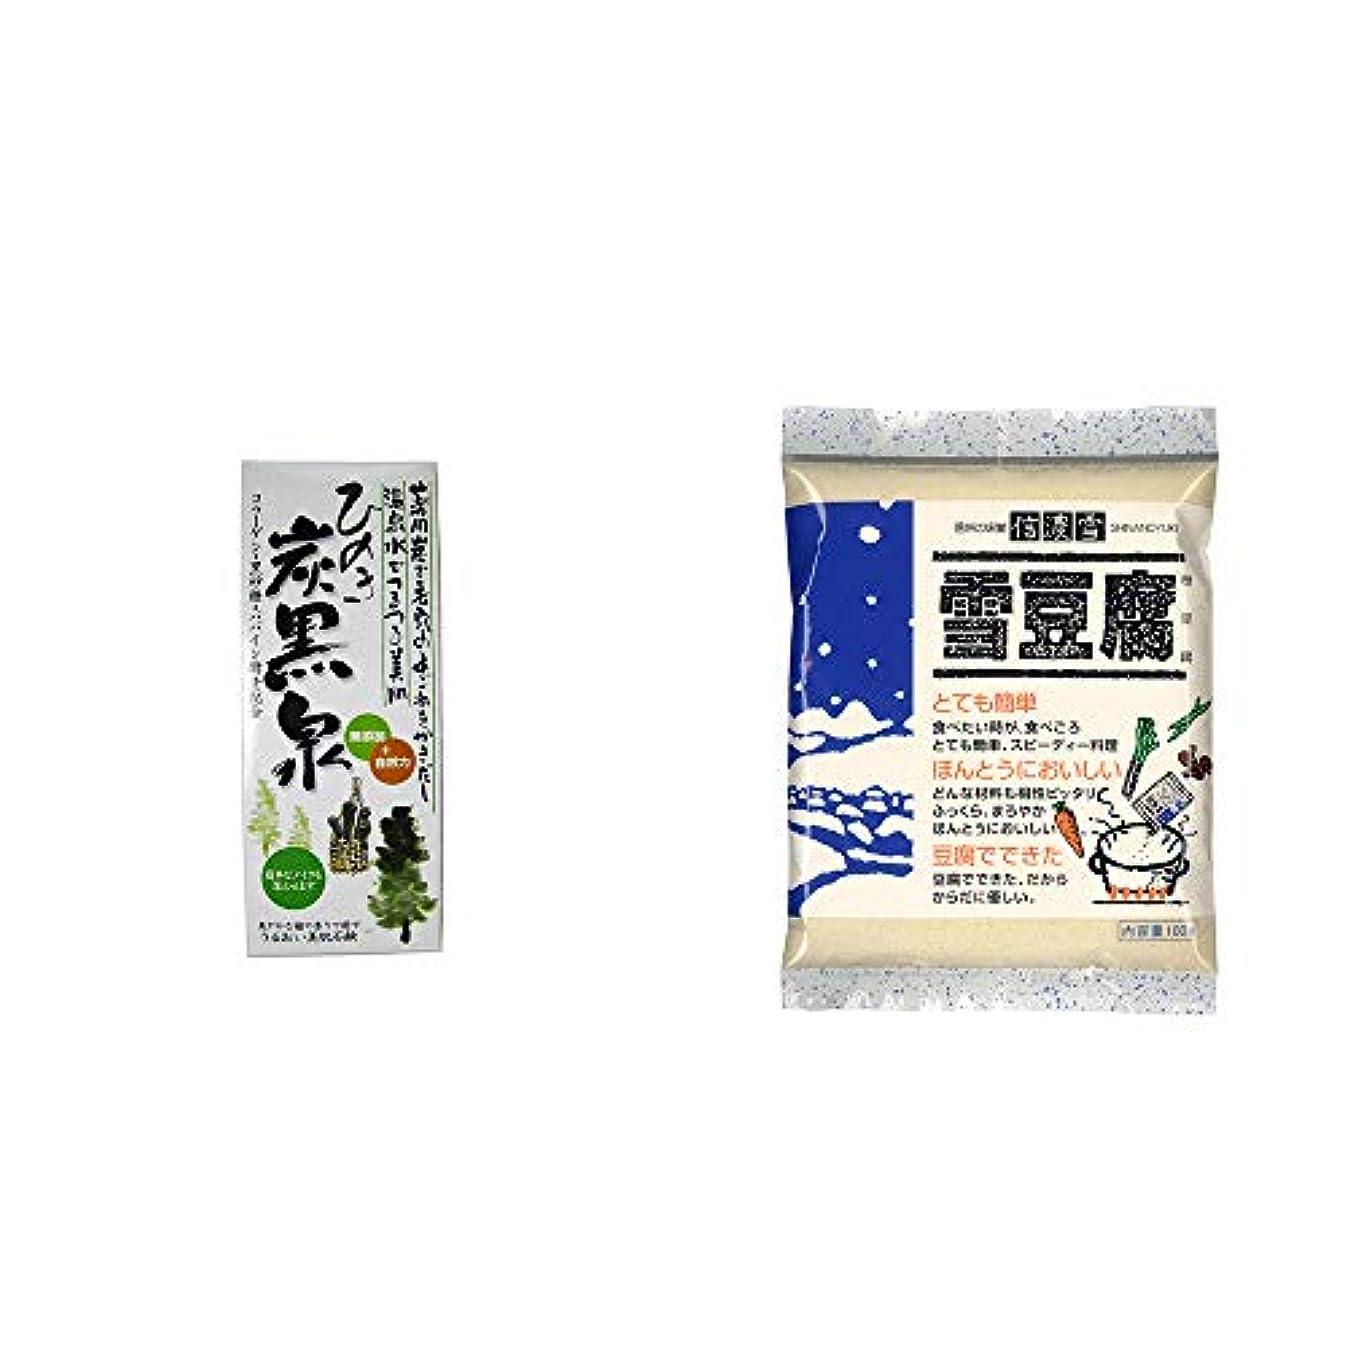 馬力罰アドバンテージ[2点セット] ひのき炭黒泉 箱入り(75g×3)?信濃雪 雪豆腐(粉豆腐)(100g)